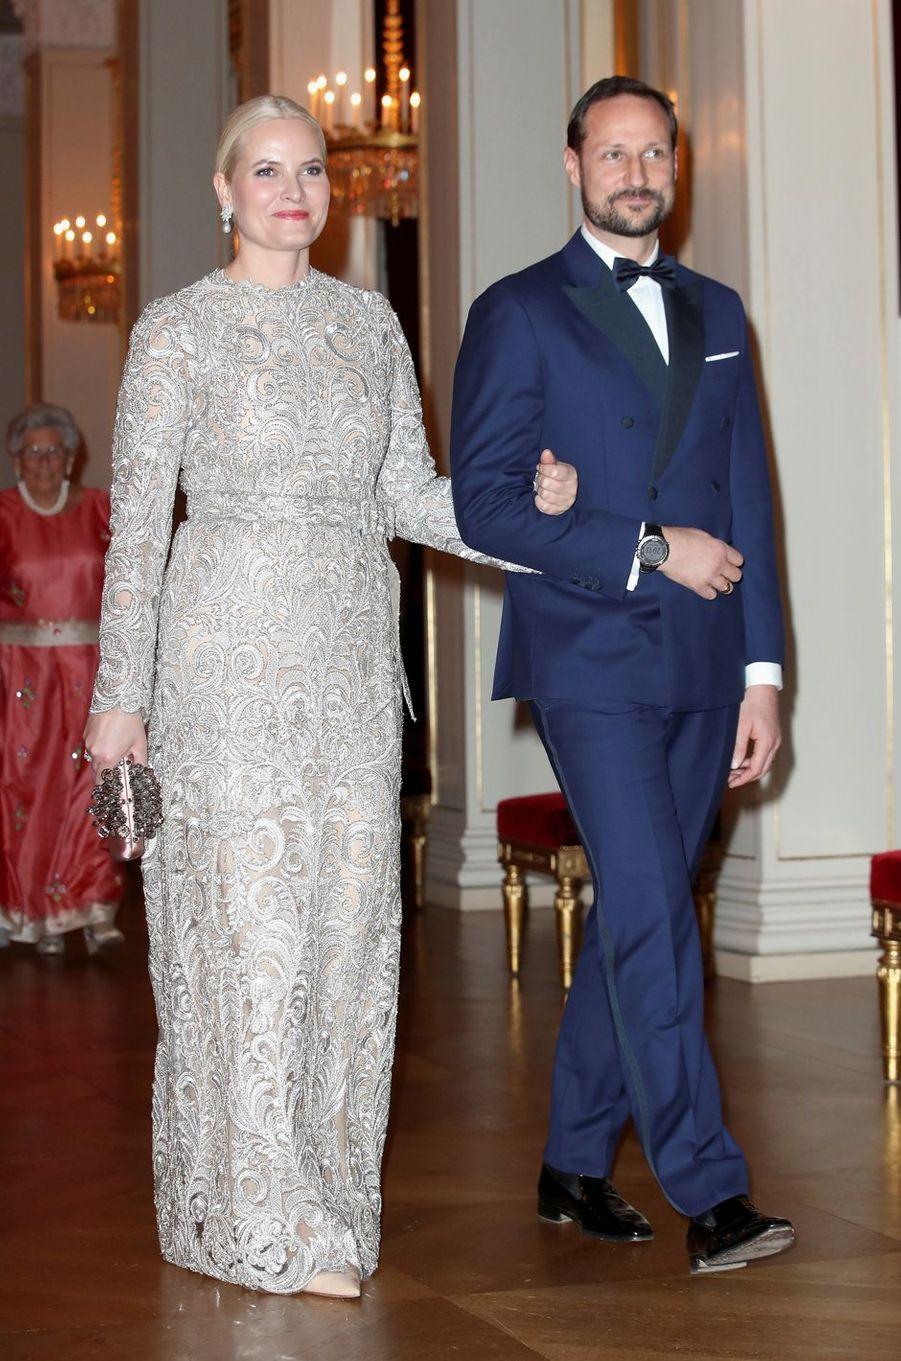 La princesse Mette-Marit et le prince Haakon de Norvège à Oslo, le 1er février 2018